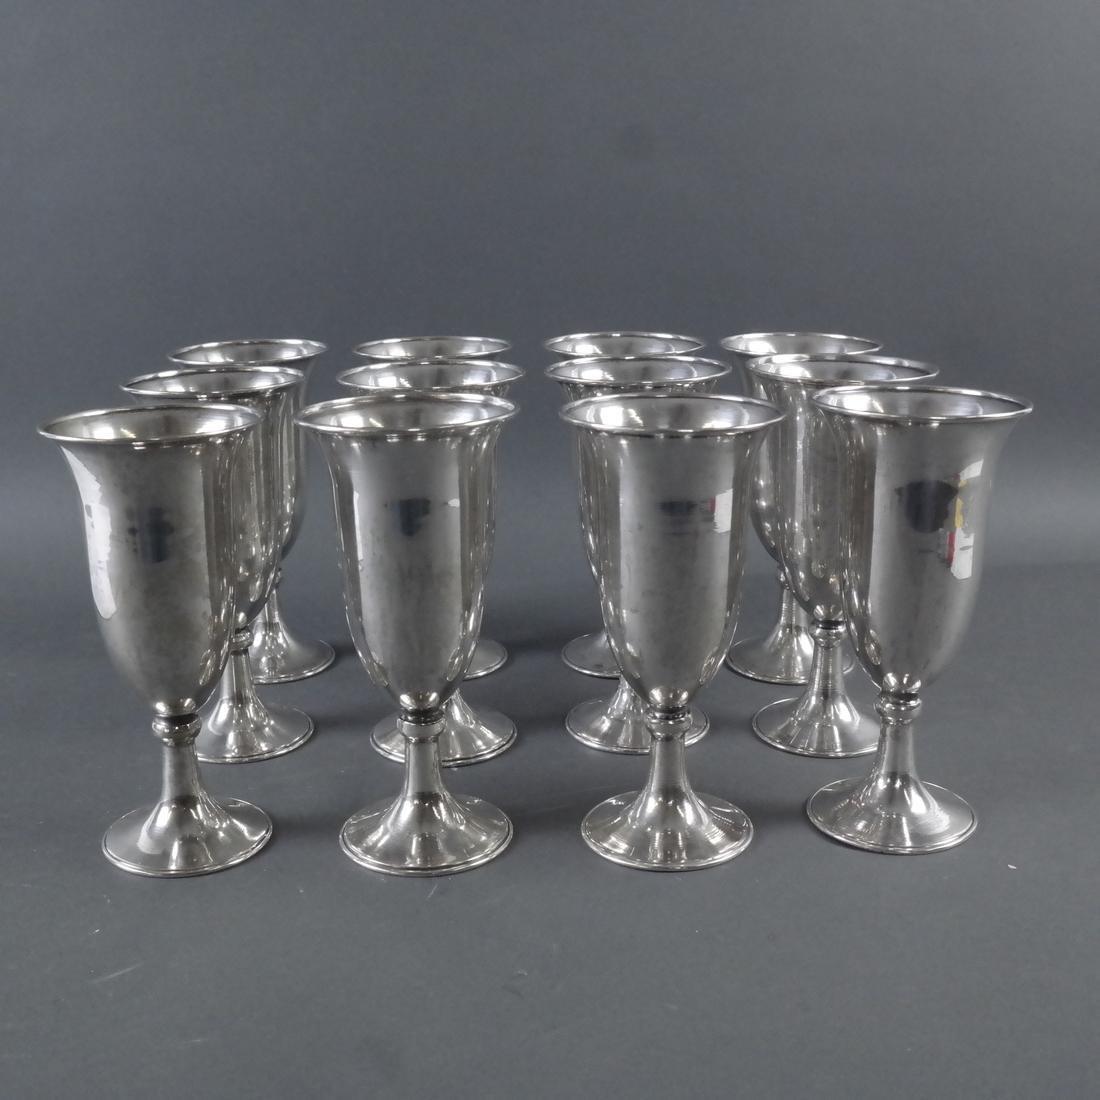 Set Twelve .900 Standard Silver Goblets - 4